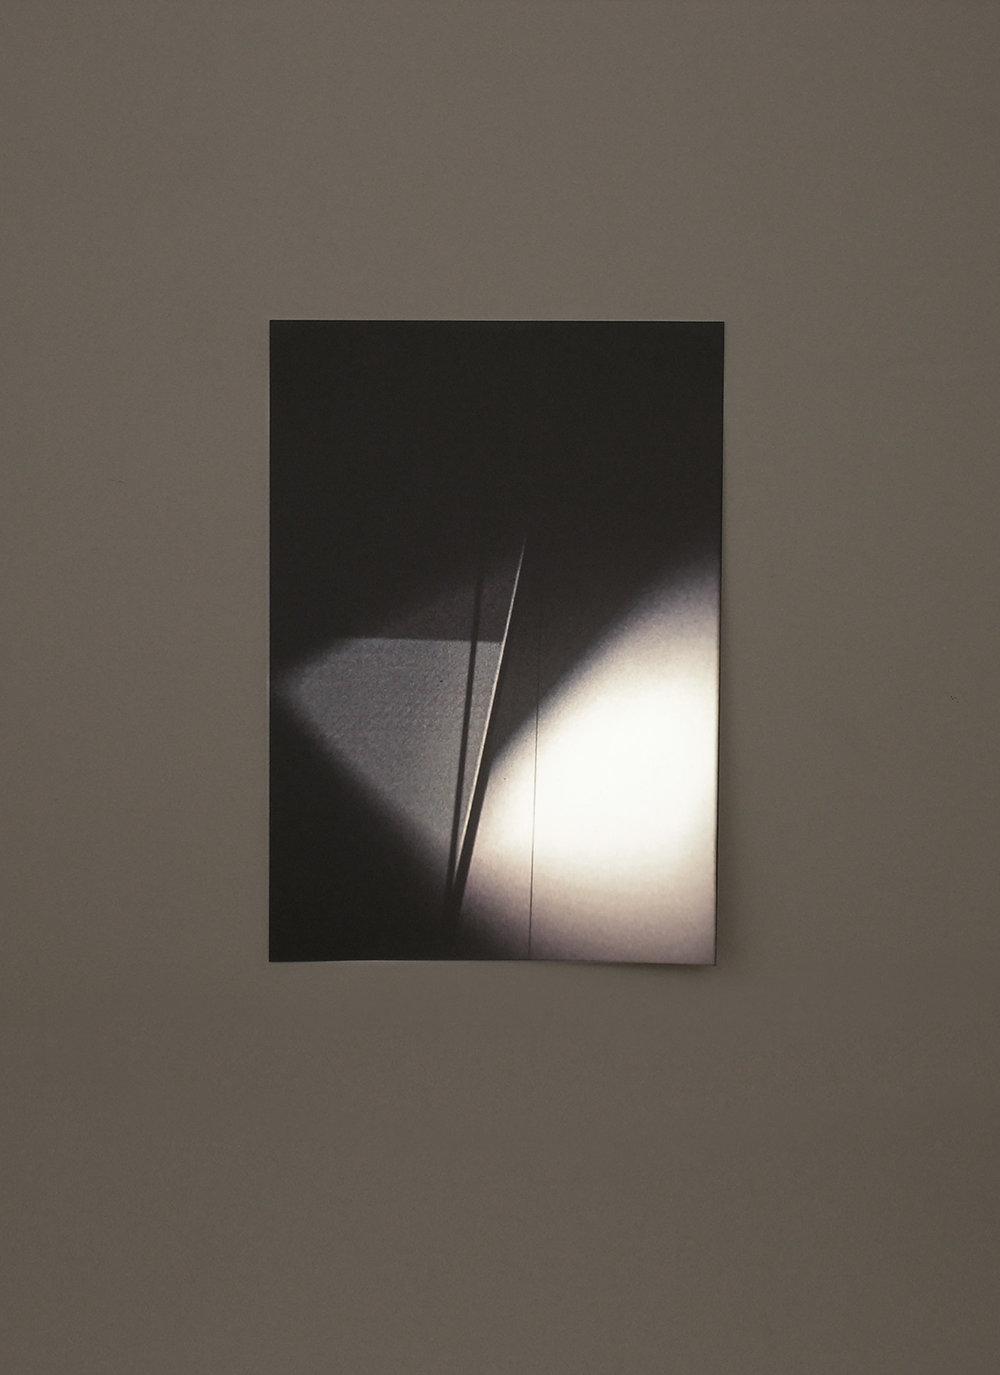 o.T. | 2007 | Diapositiv | 5 x 5 cm